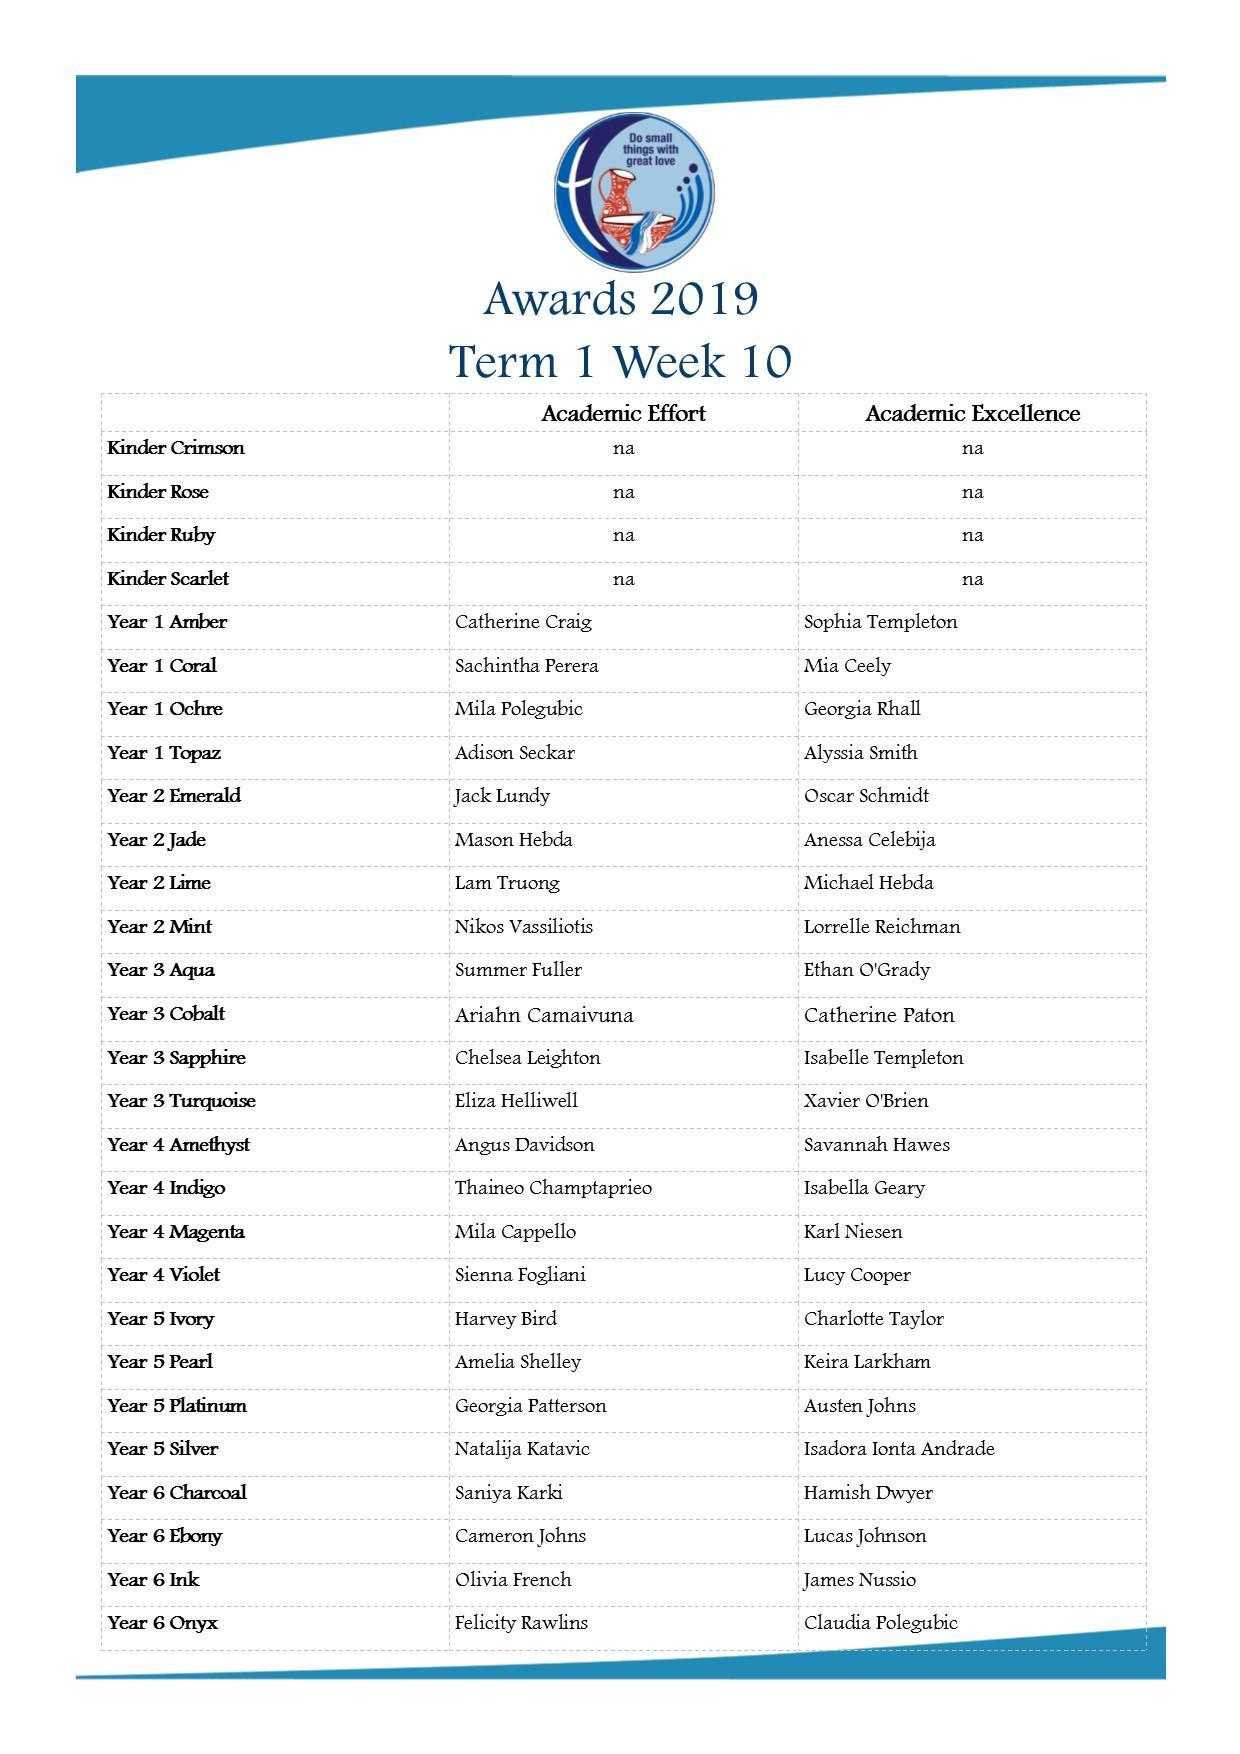 Term_1_Week_10_Awards_2019.jpg